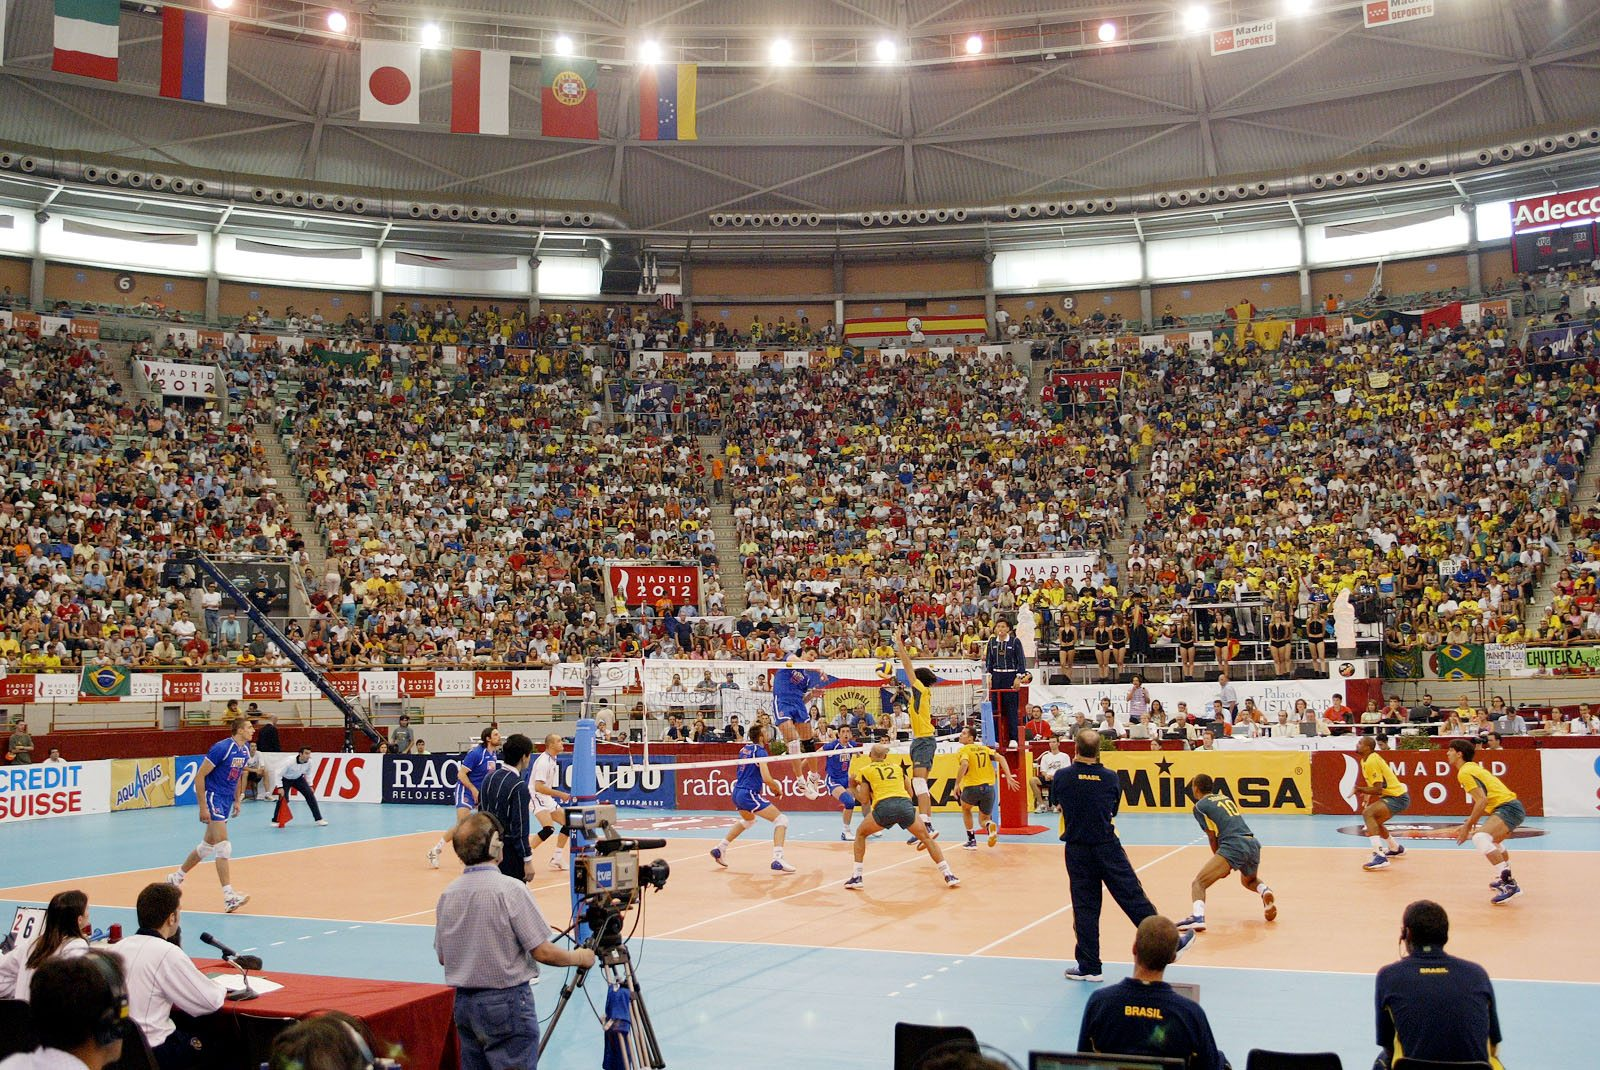 svjetska liga brazil srbija i crna gora 2003